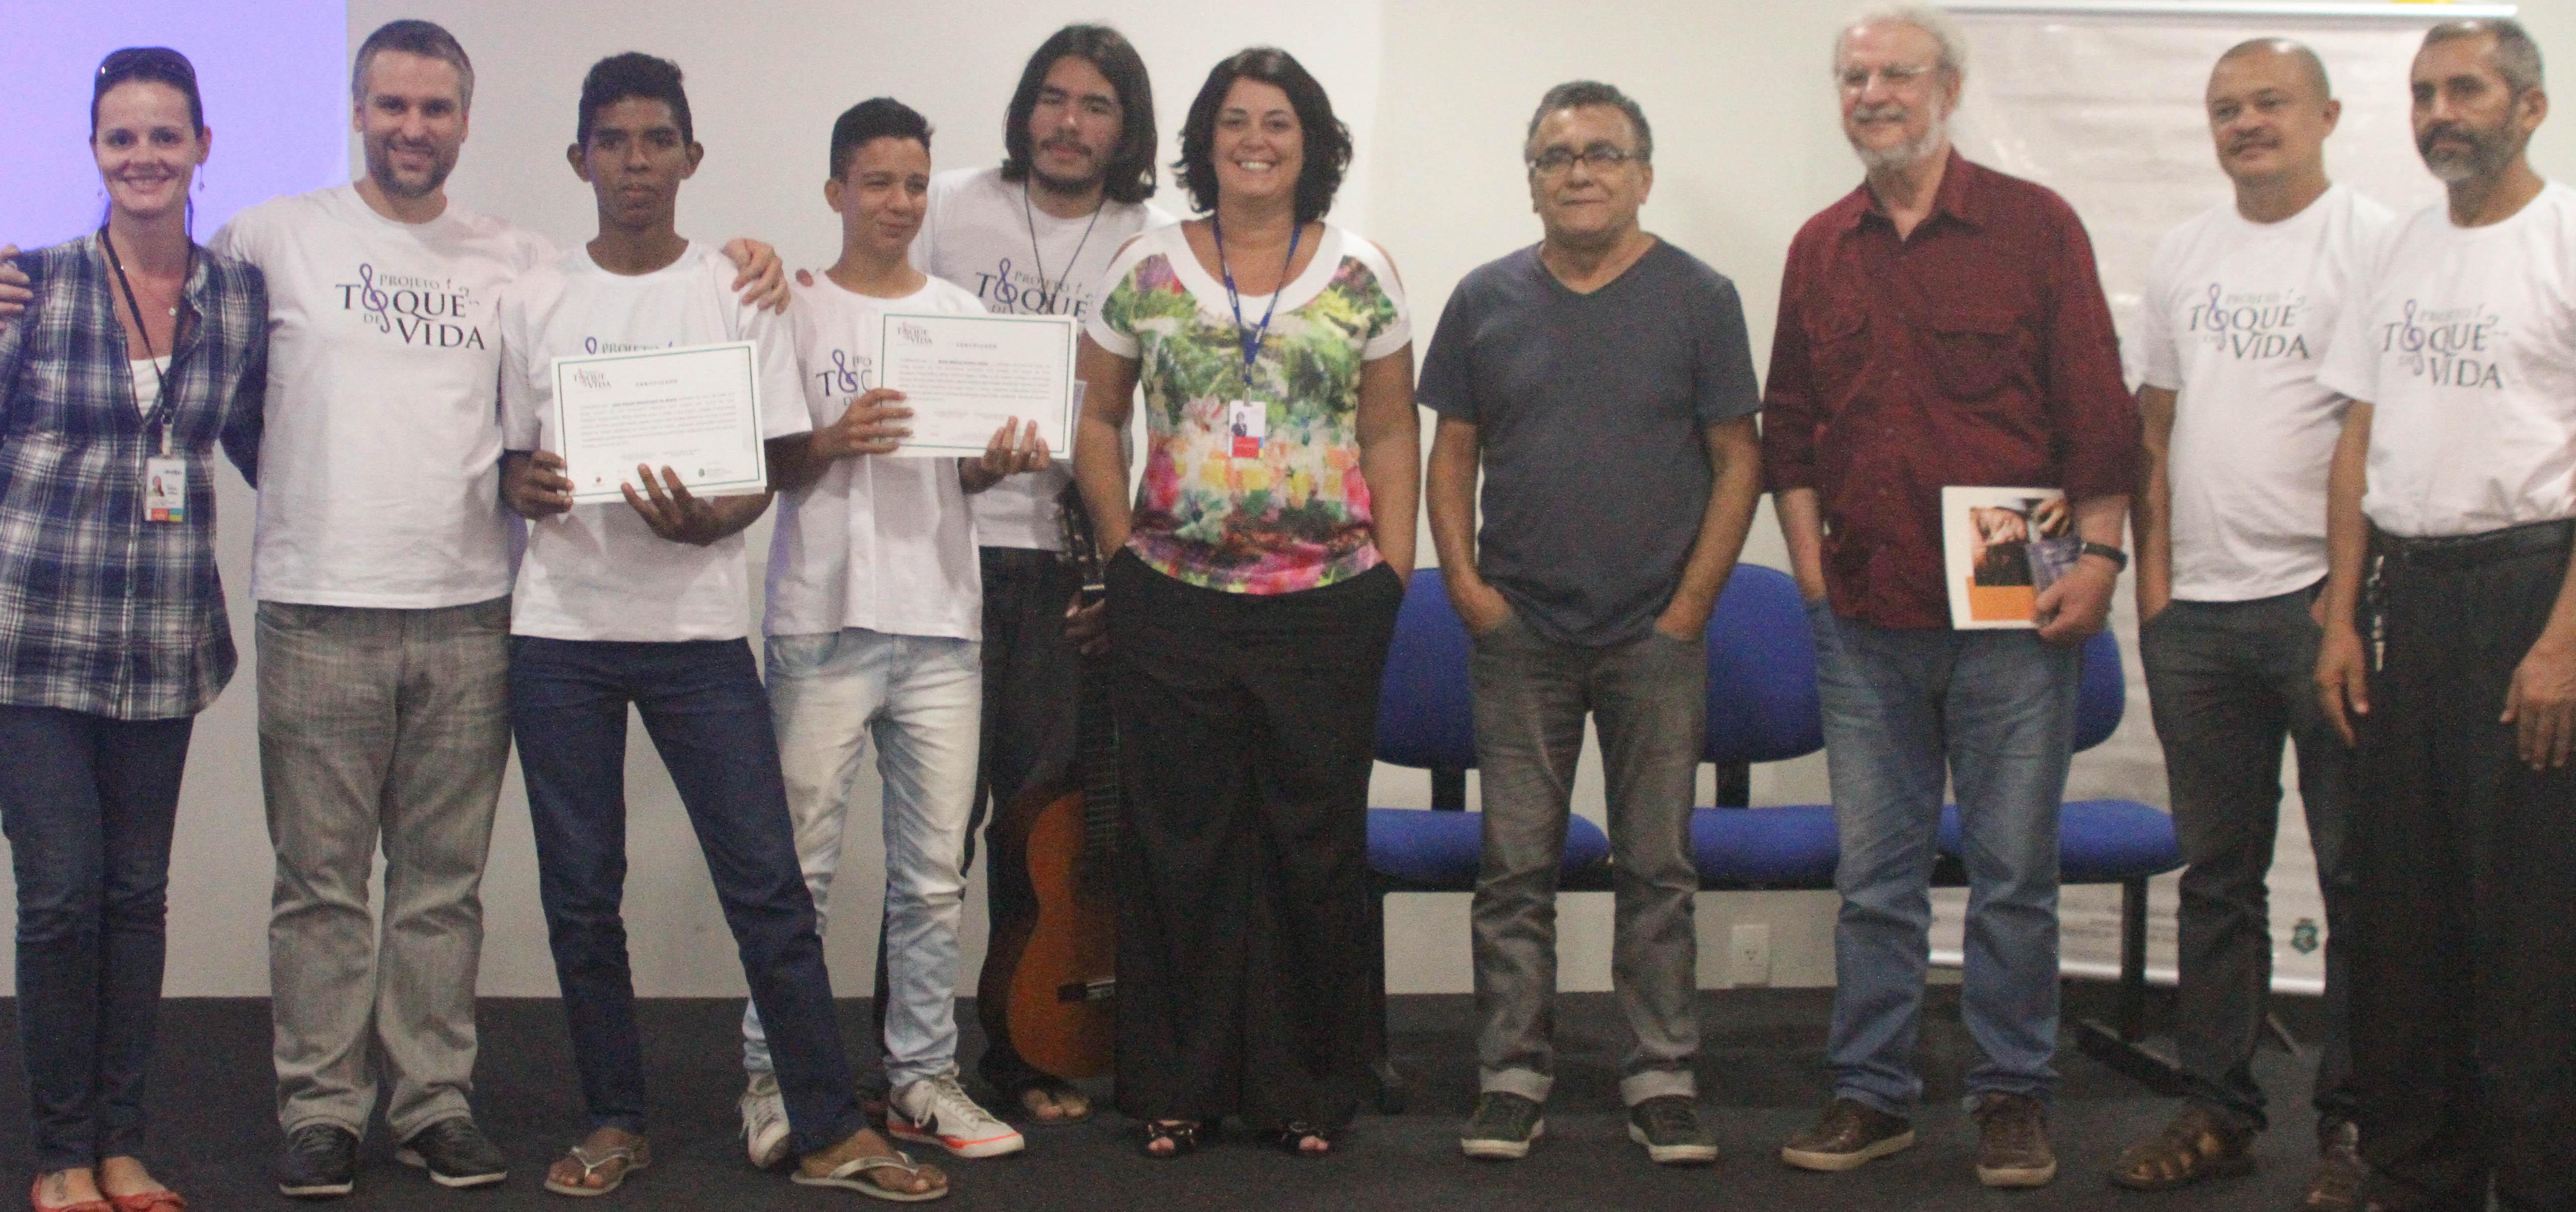 Músico Manassés de Sousa participa de encerramento do Projeto realizado em Maranguape. Foto Marta Moura